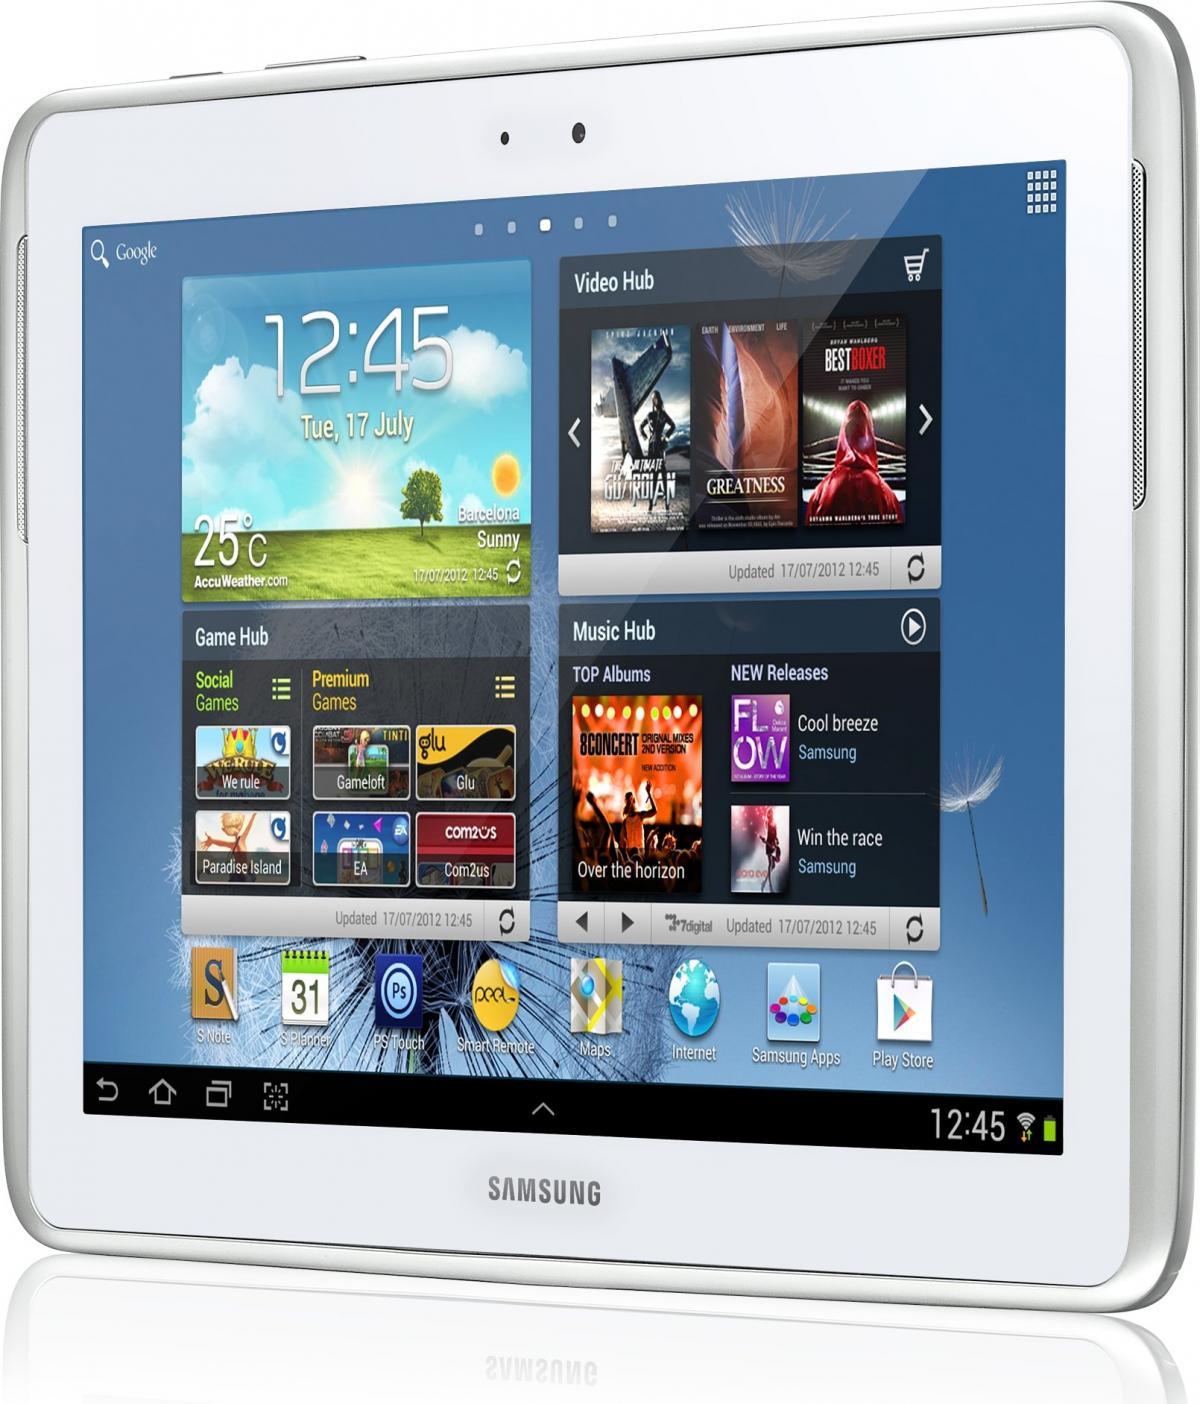 Galaxy Note 10.1 32GB (WiFi) SHW-M480W